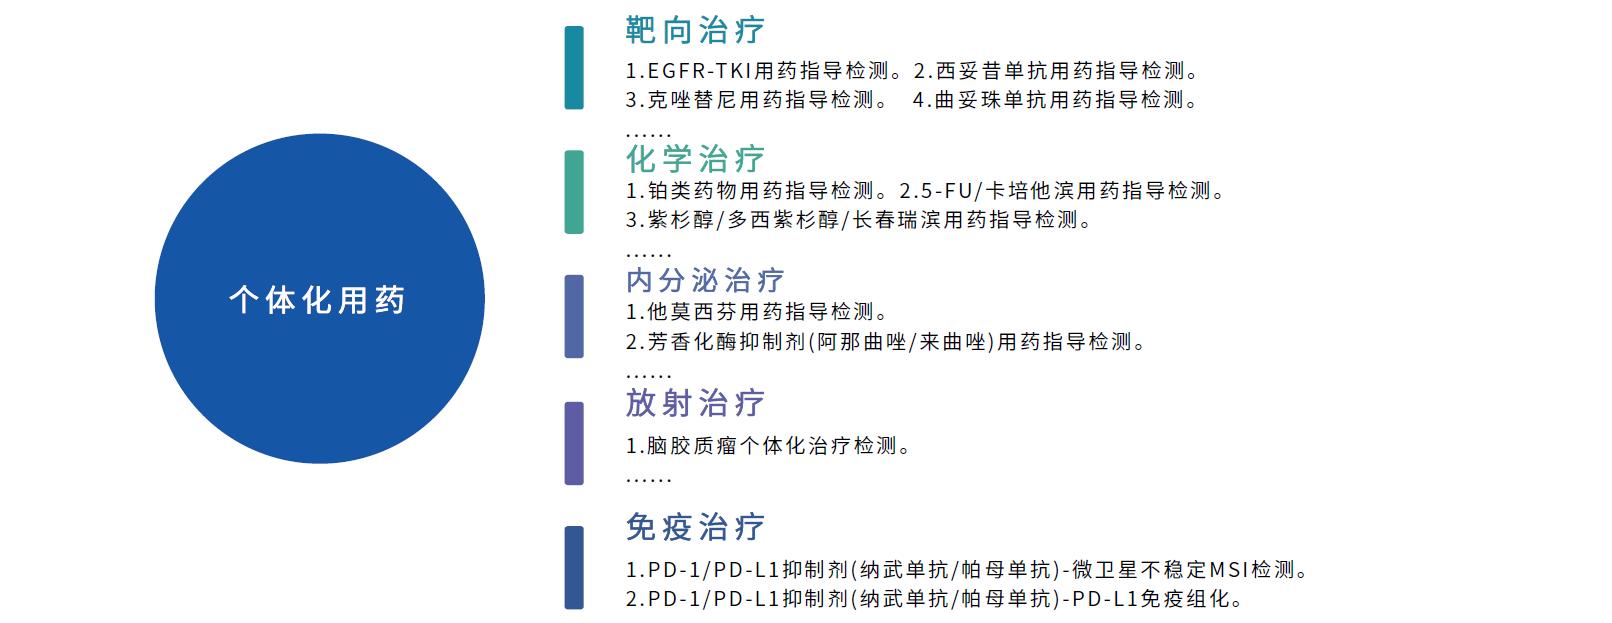 肿瘤个体化用药检测基础版1.png